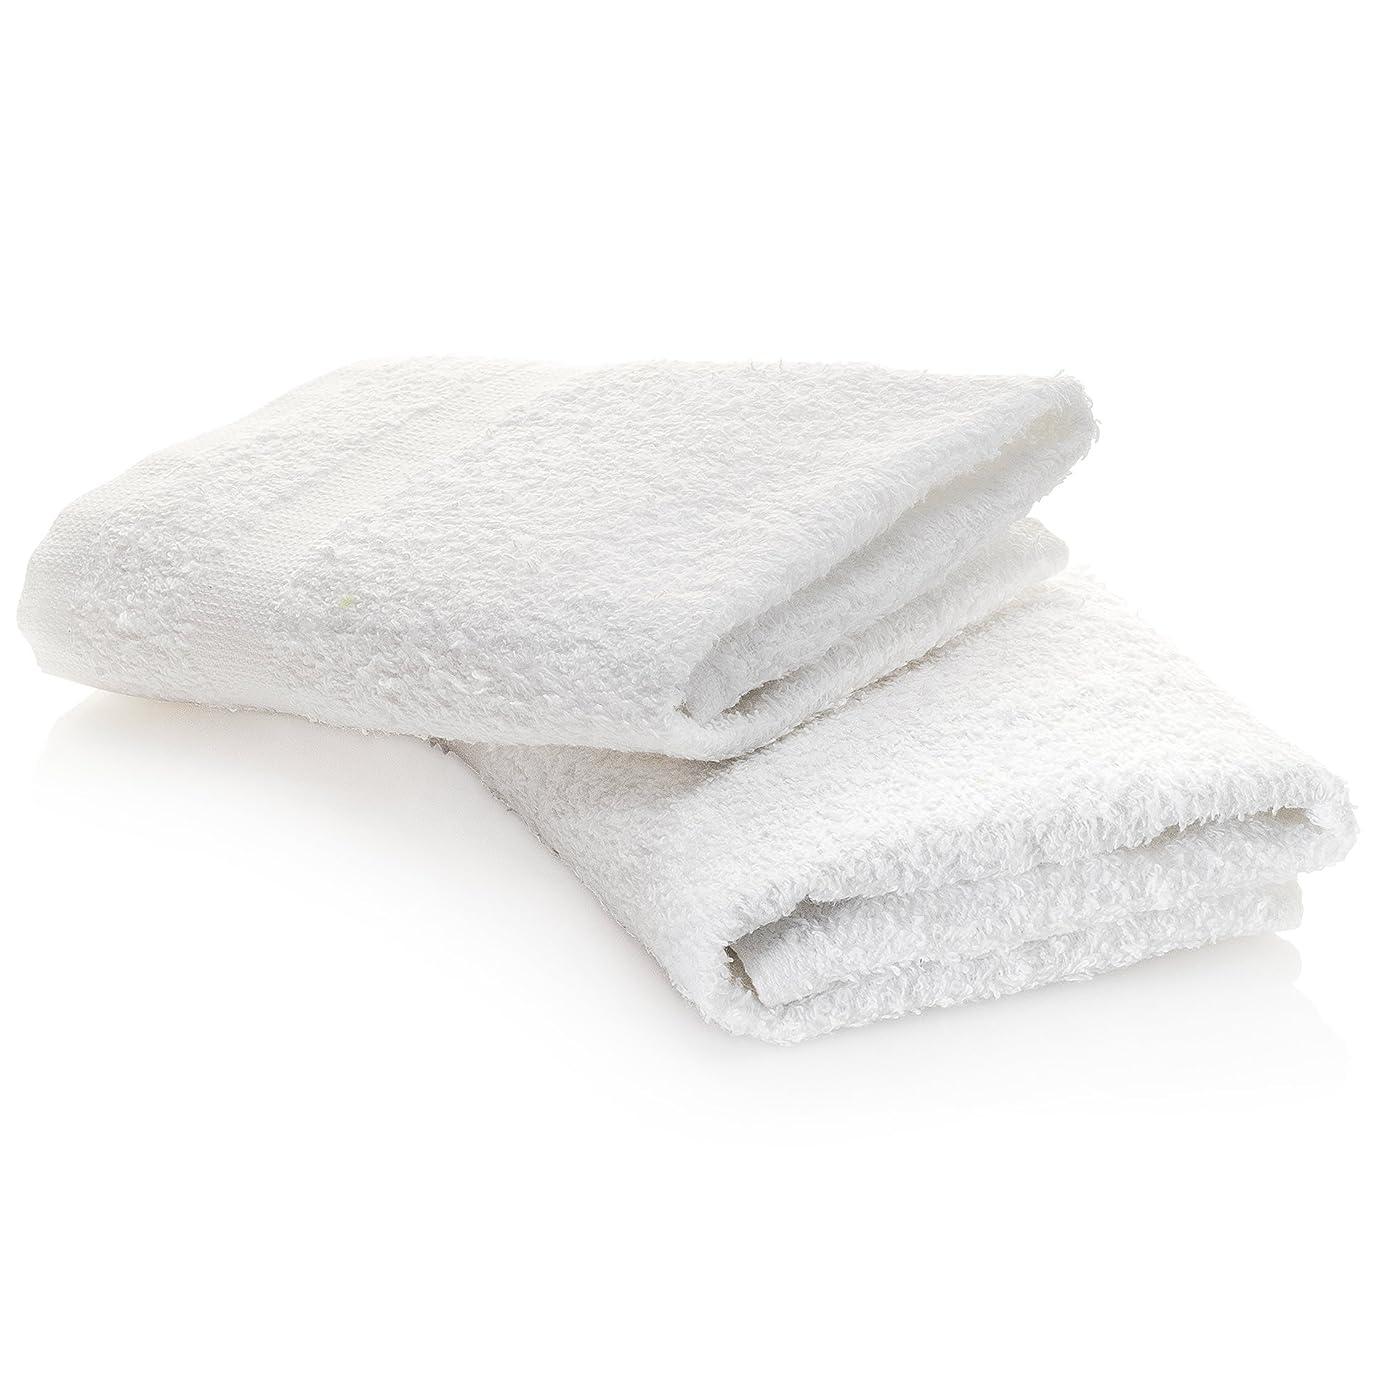 大胆な正気包帯MHF brand-12?pack-プレミアムホワイト100?% cotton-12?X 12?inch-wash布towels-16?/ Sリングスパン超ソフトタオル